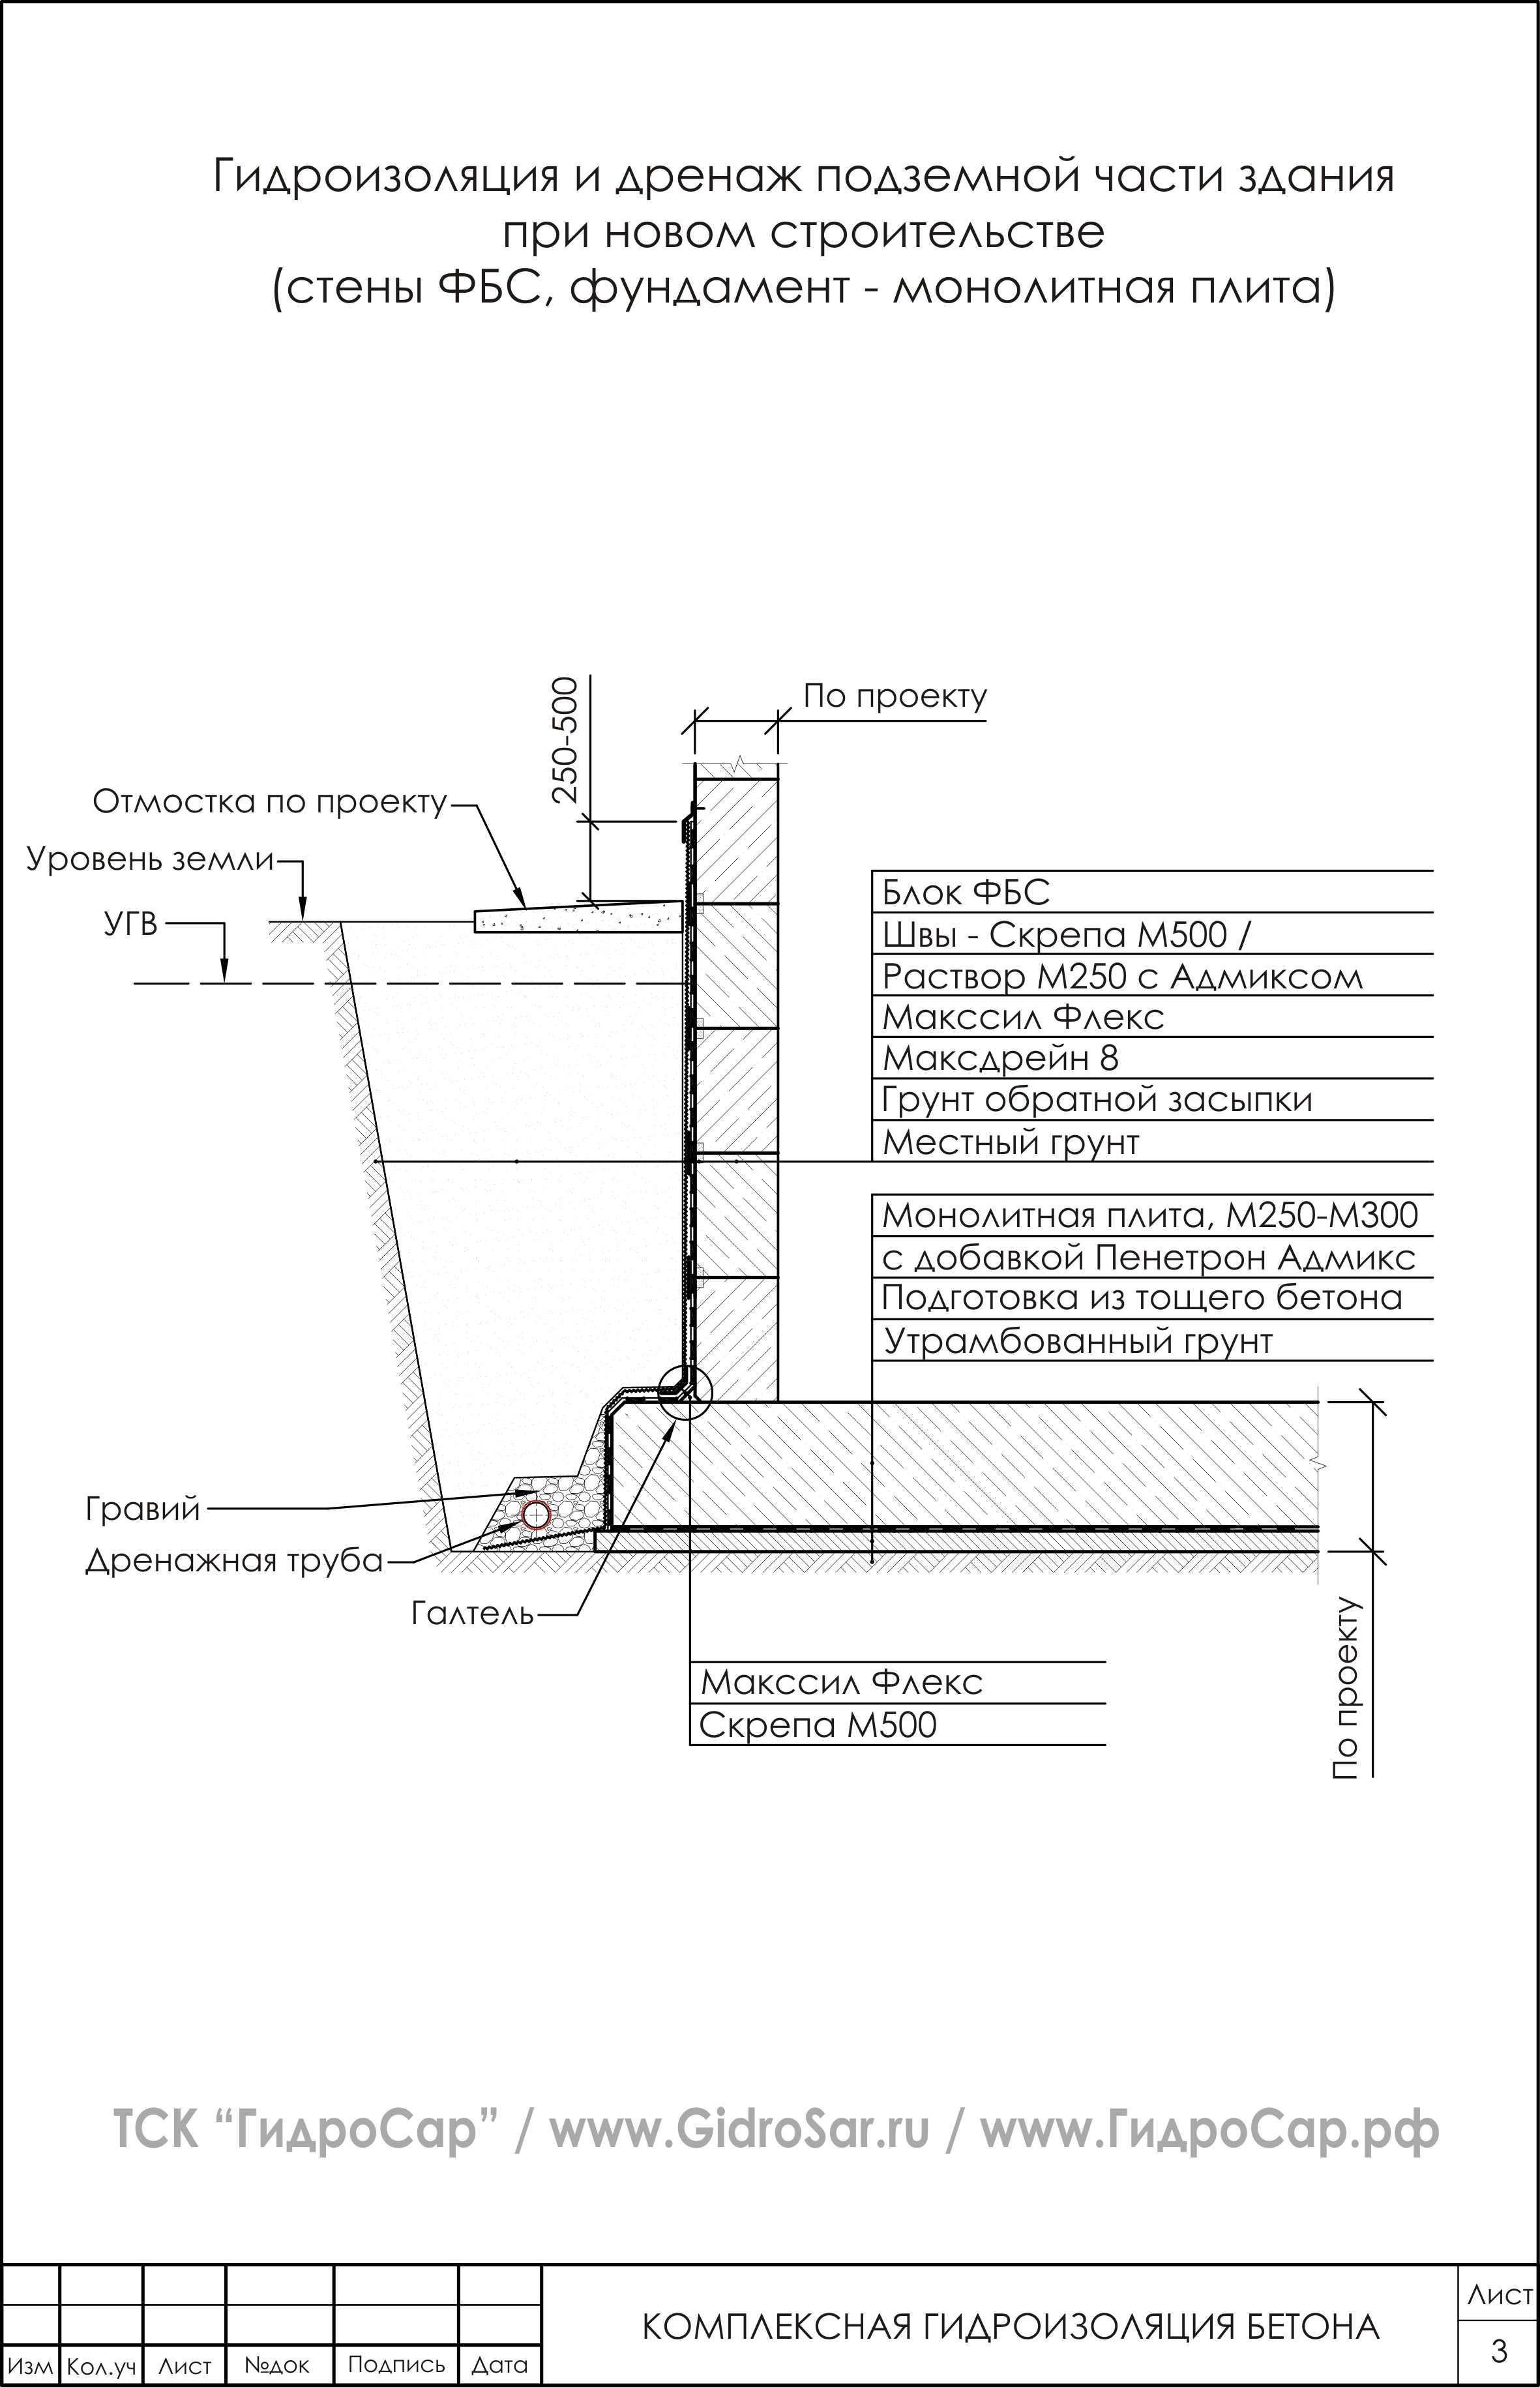 Гидроизоляция цементным раствором смета купить бетон от производителя стройпроект спб